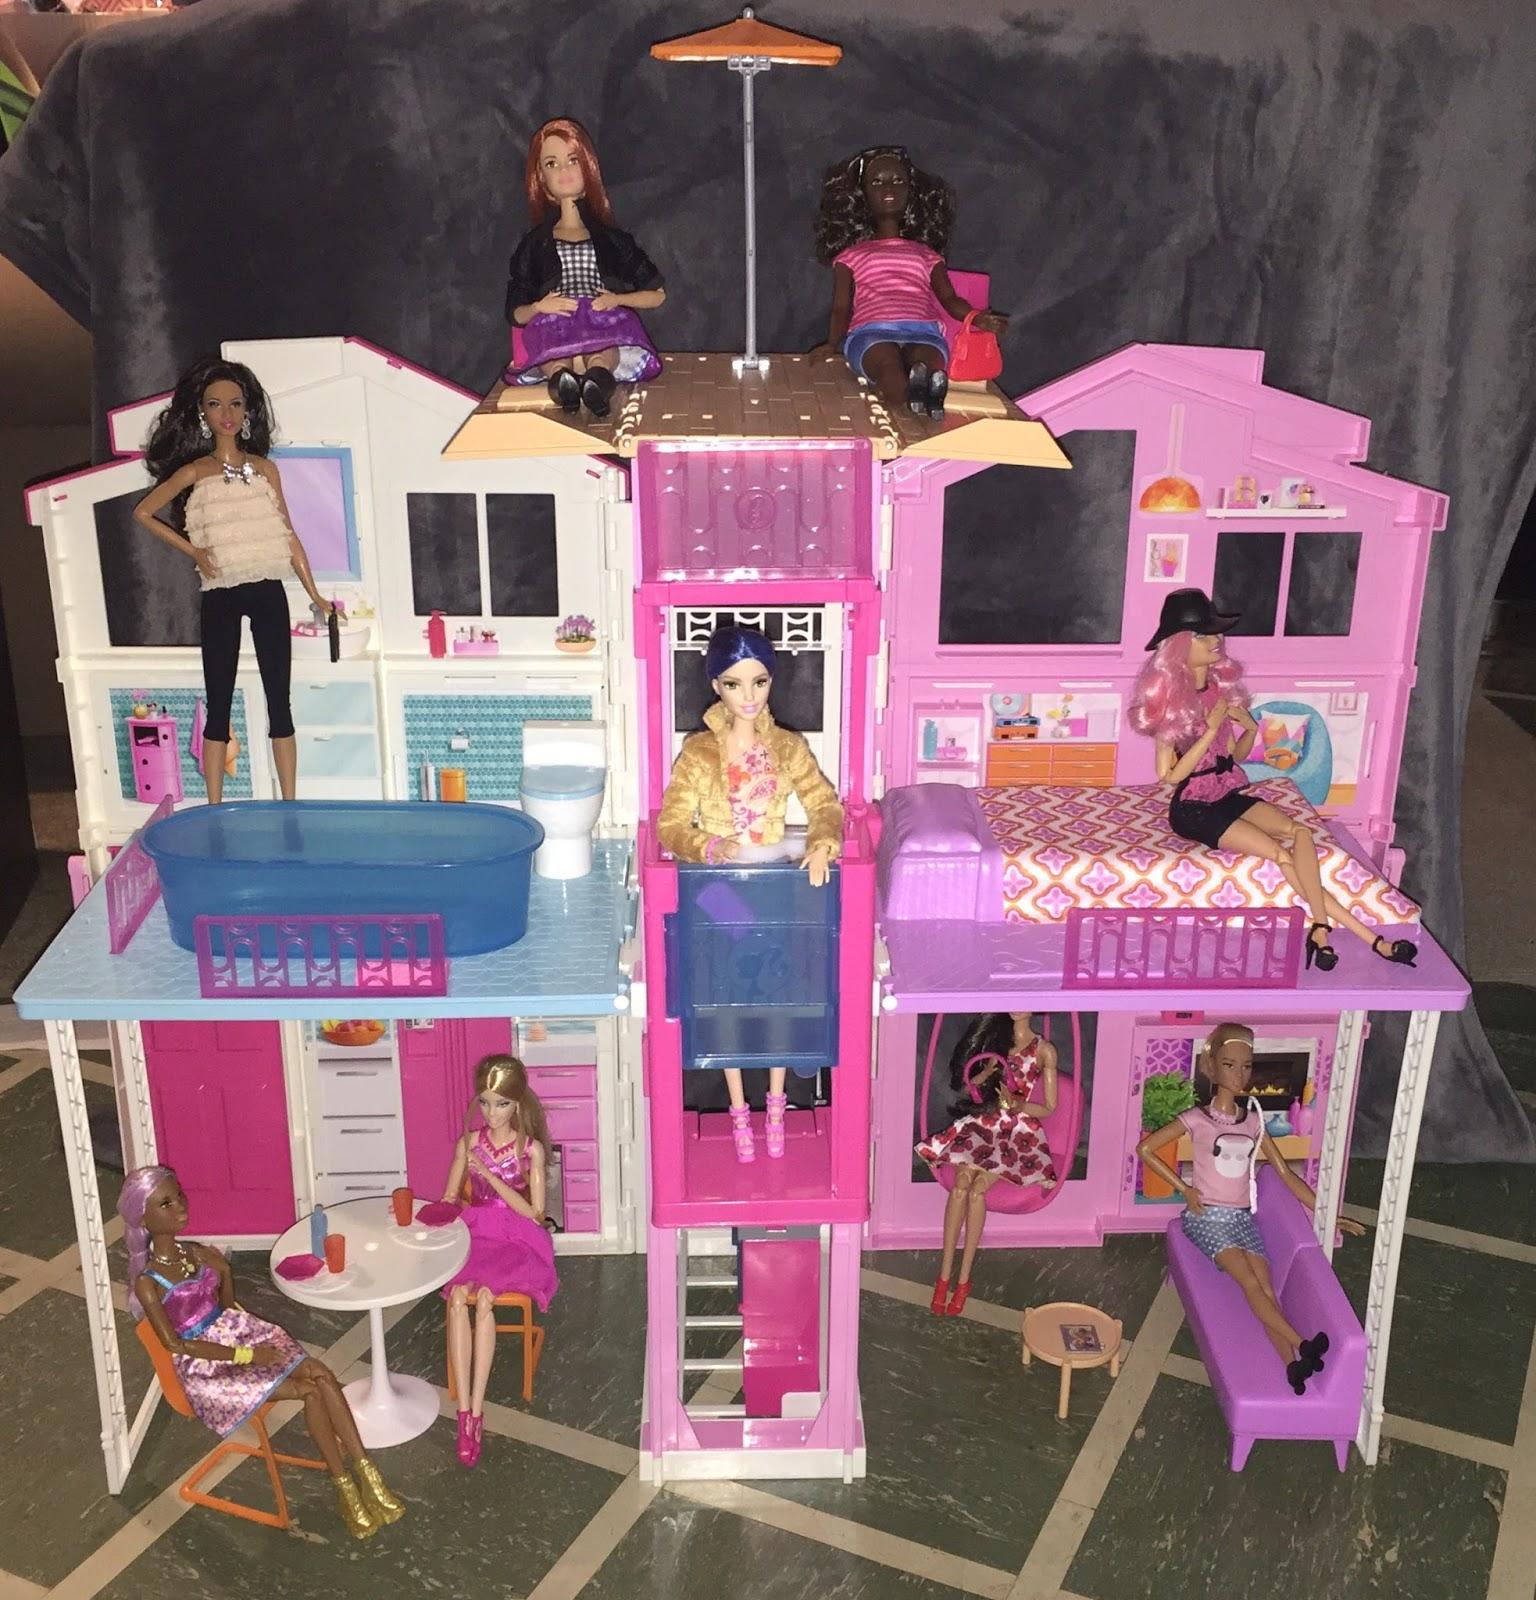 Ken doll novidades da linha barbie 2016 for Www dreamhouse com